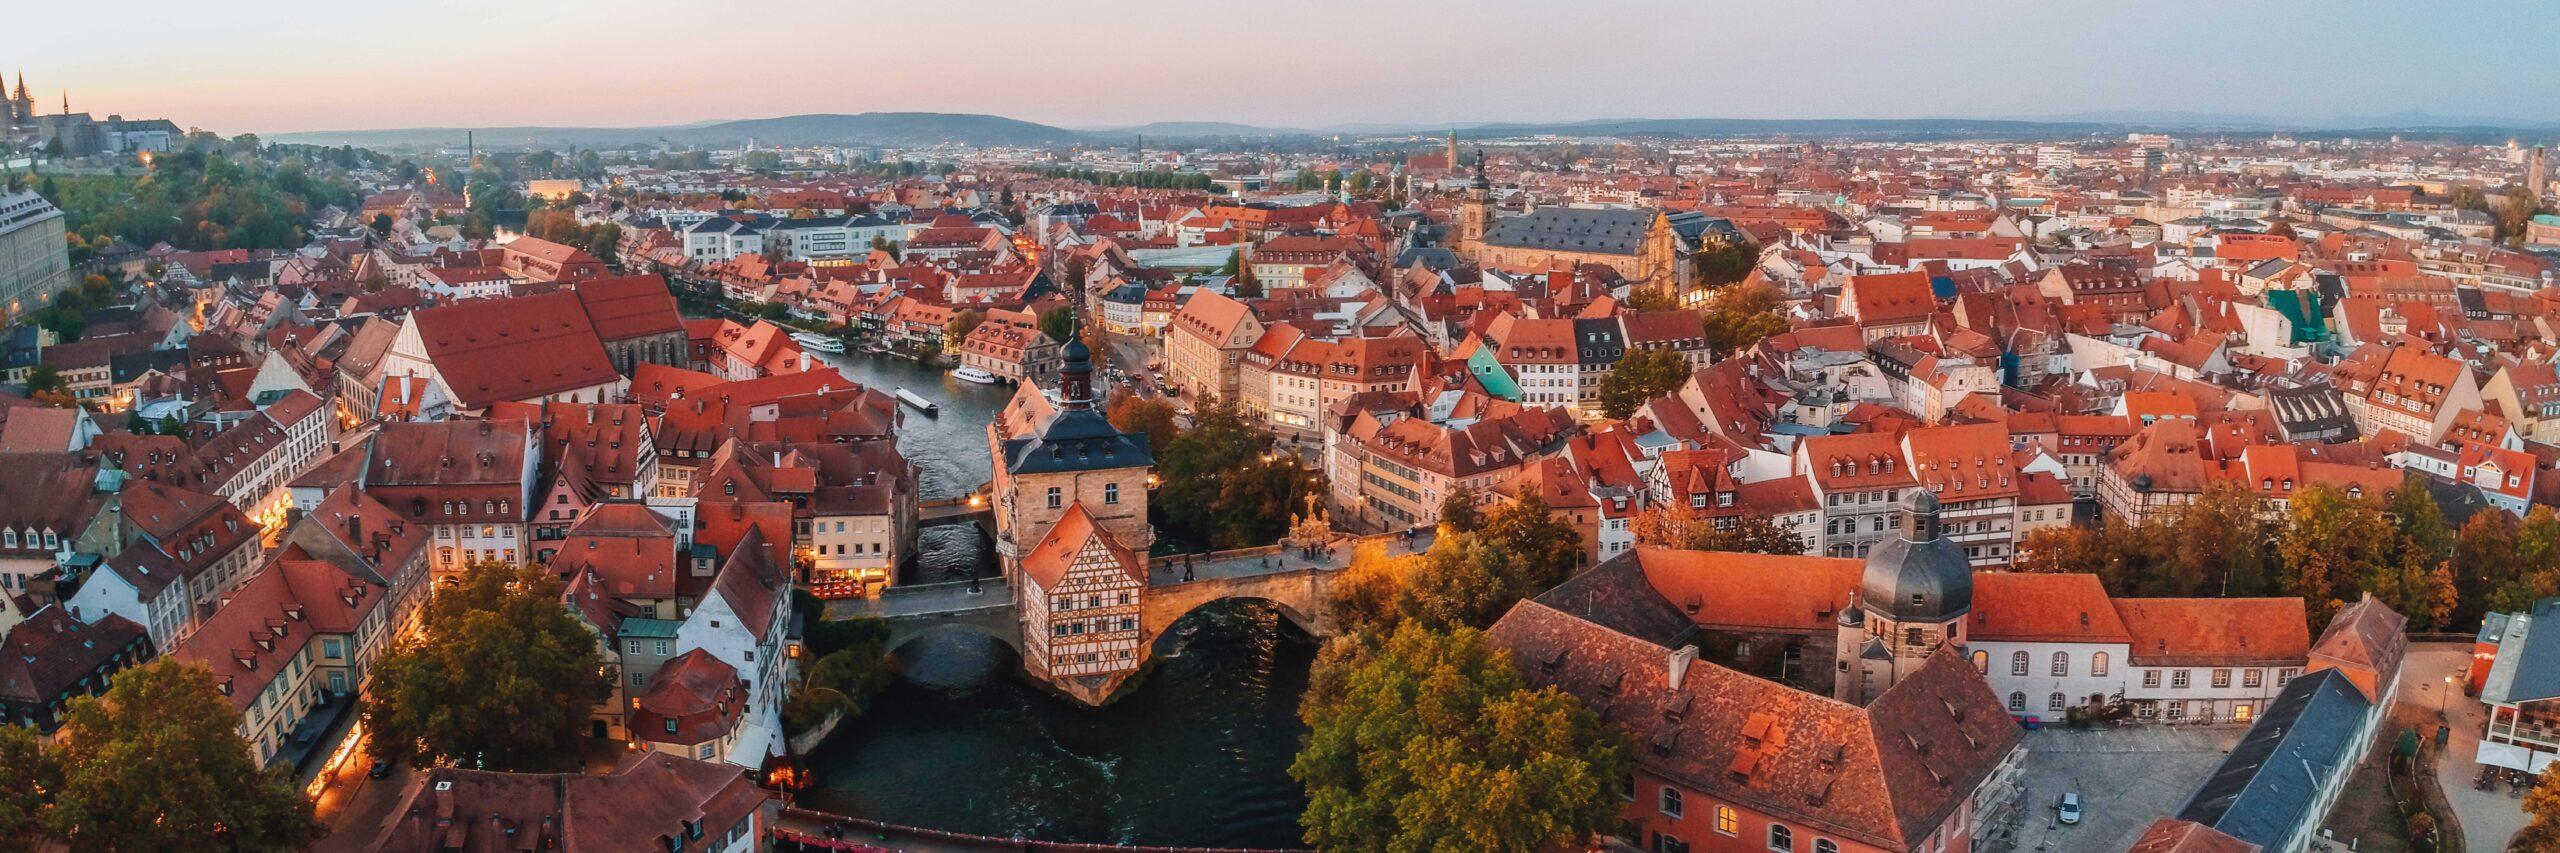 201129-Header-Bild-Bamberg-11